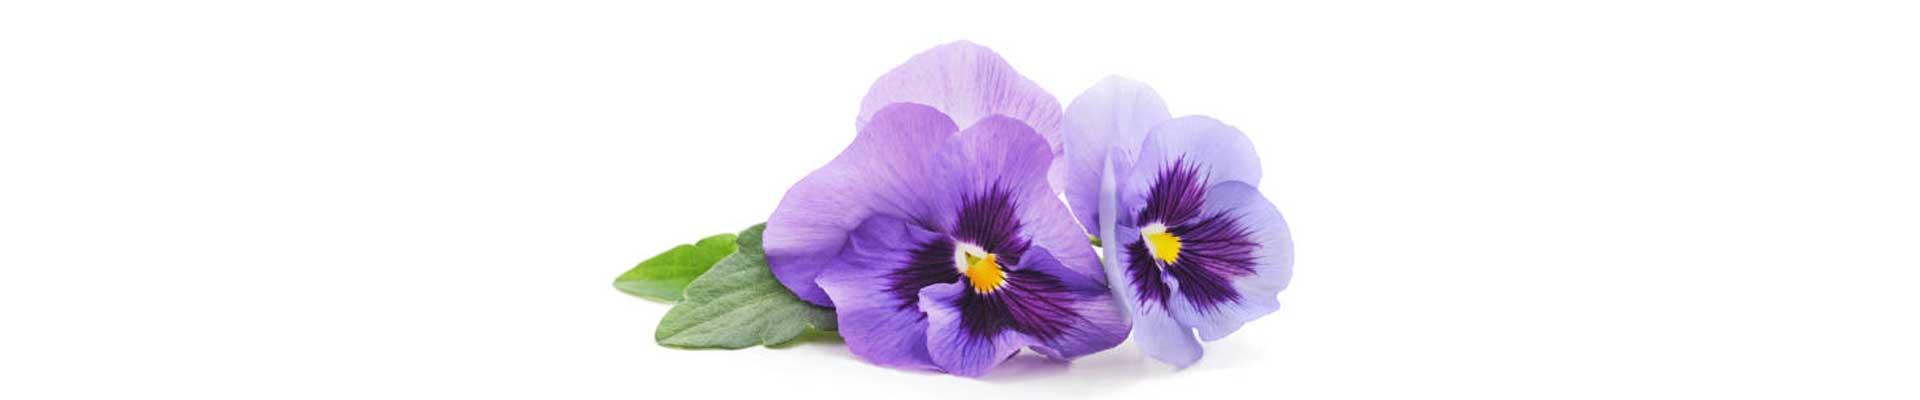 vaso de violetas